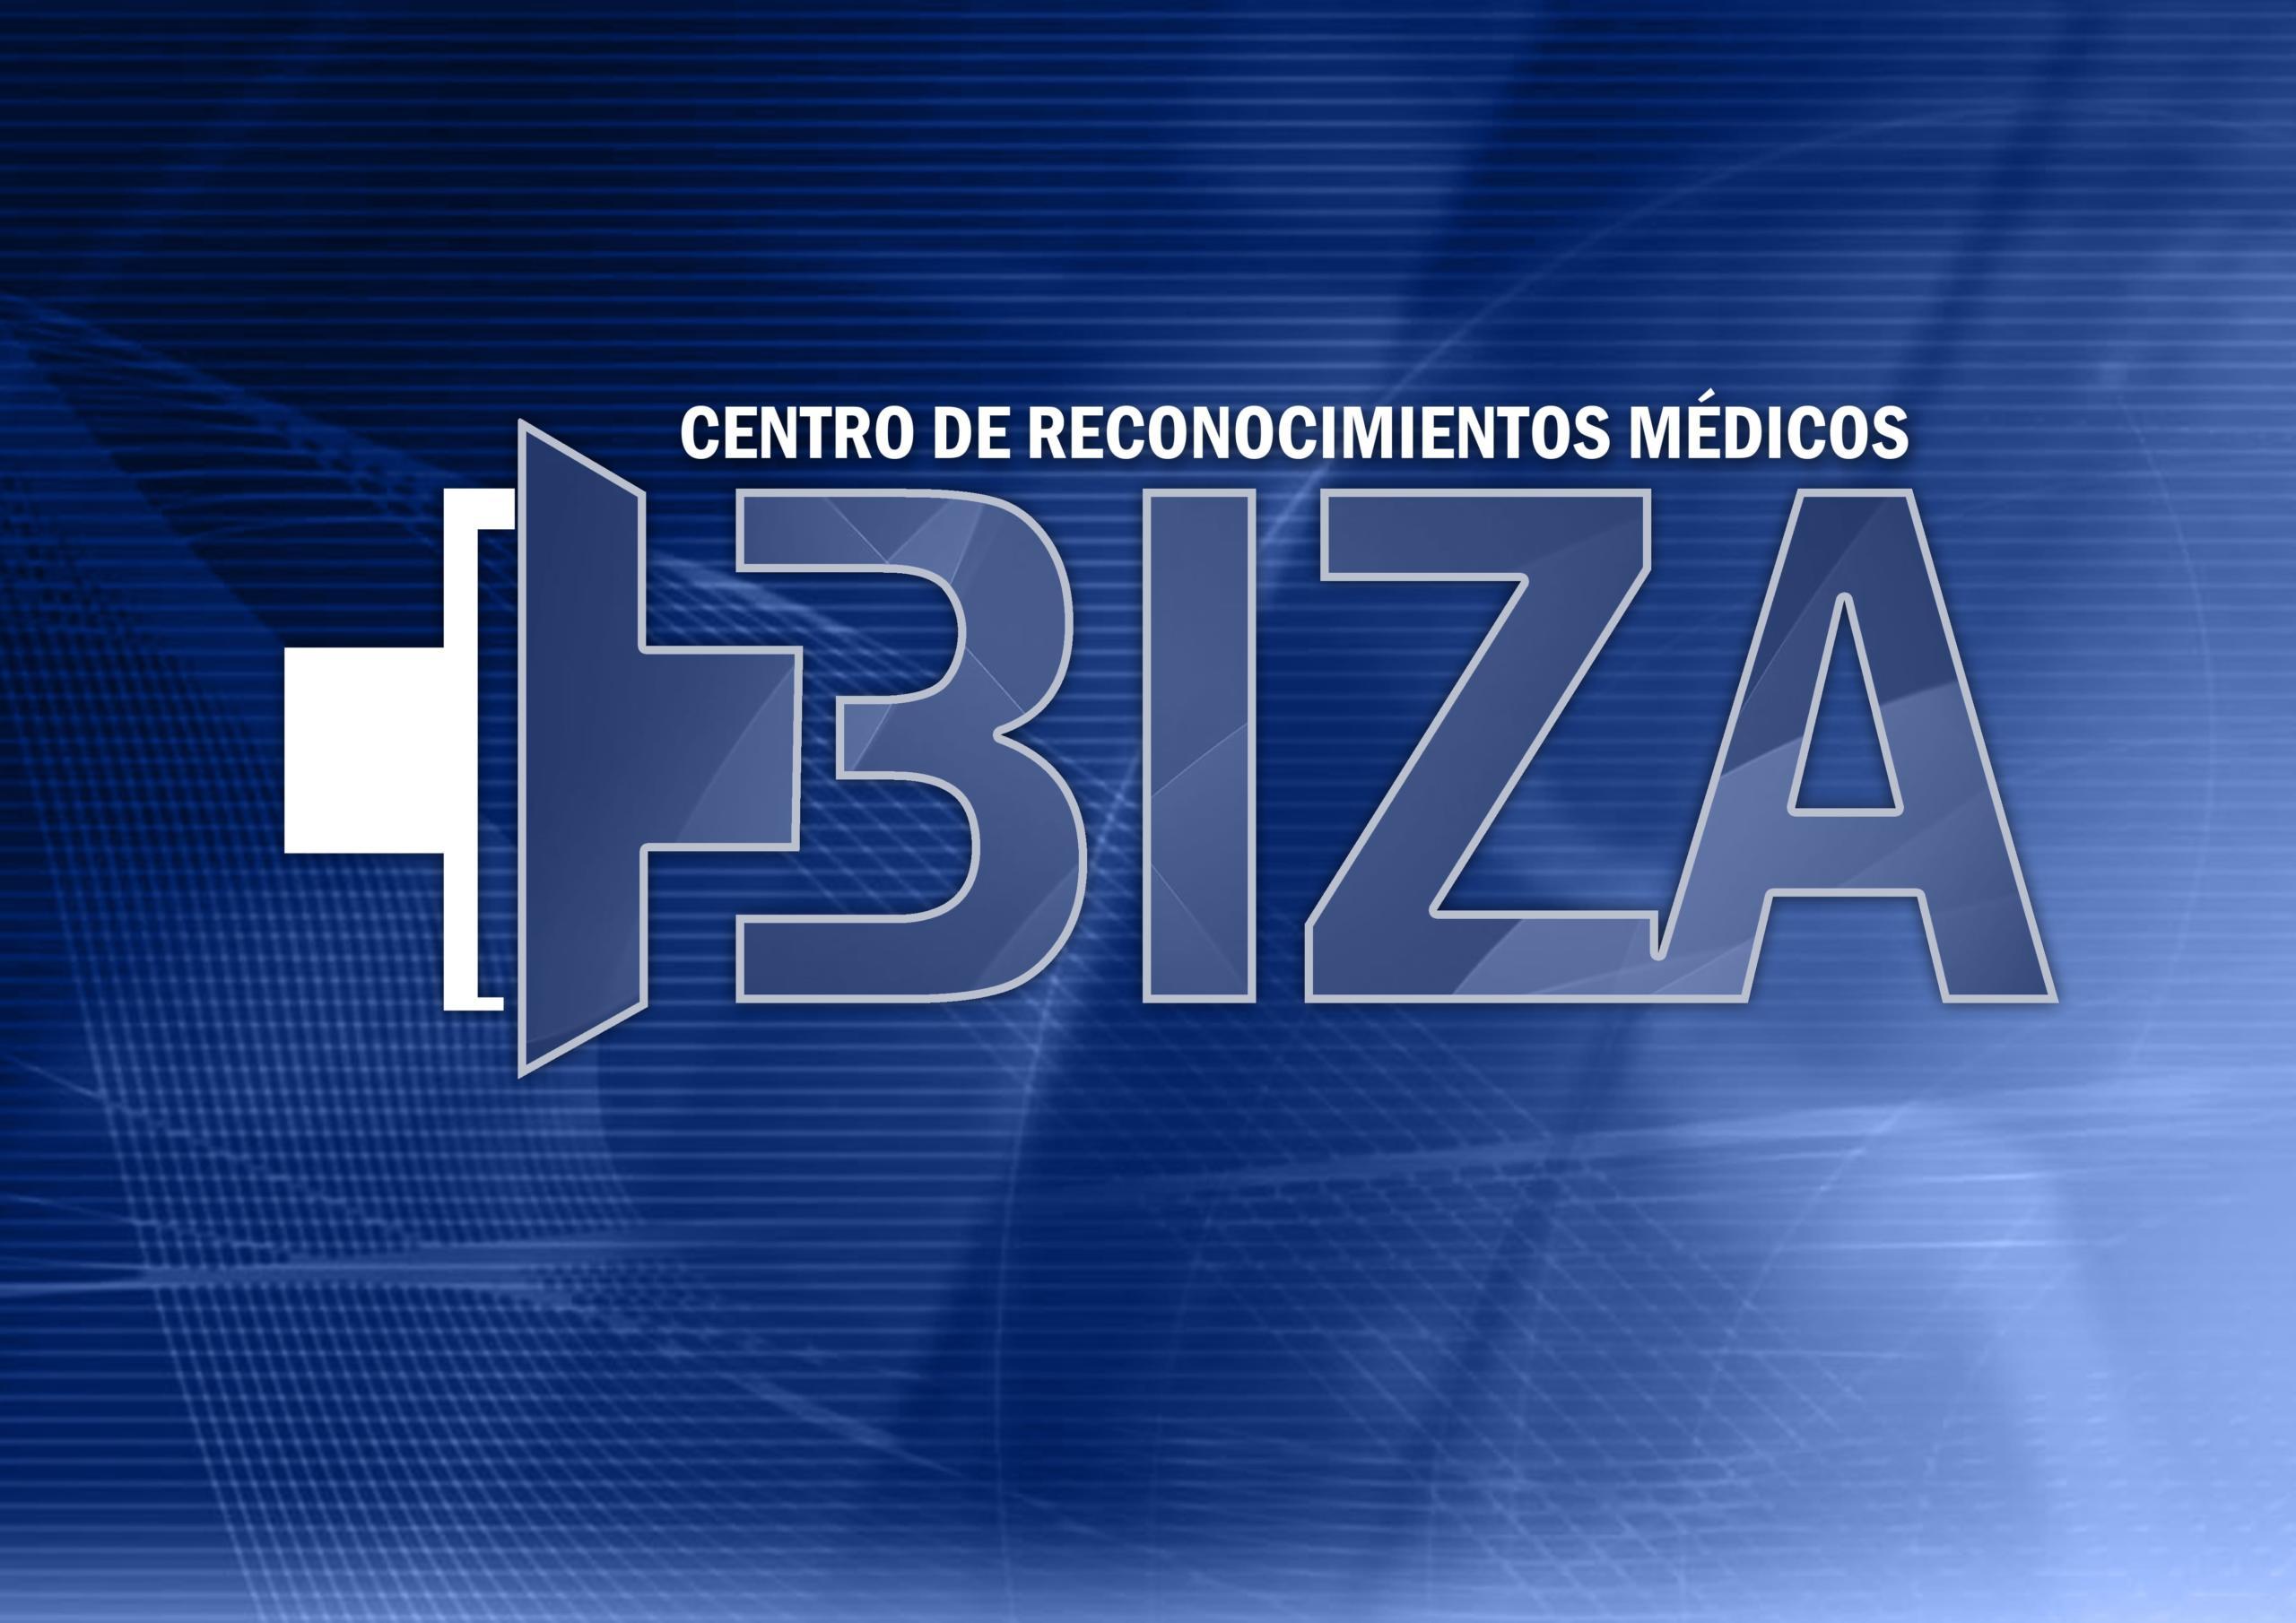 Logotipo - Versión azul y definitivo con fondo